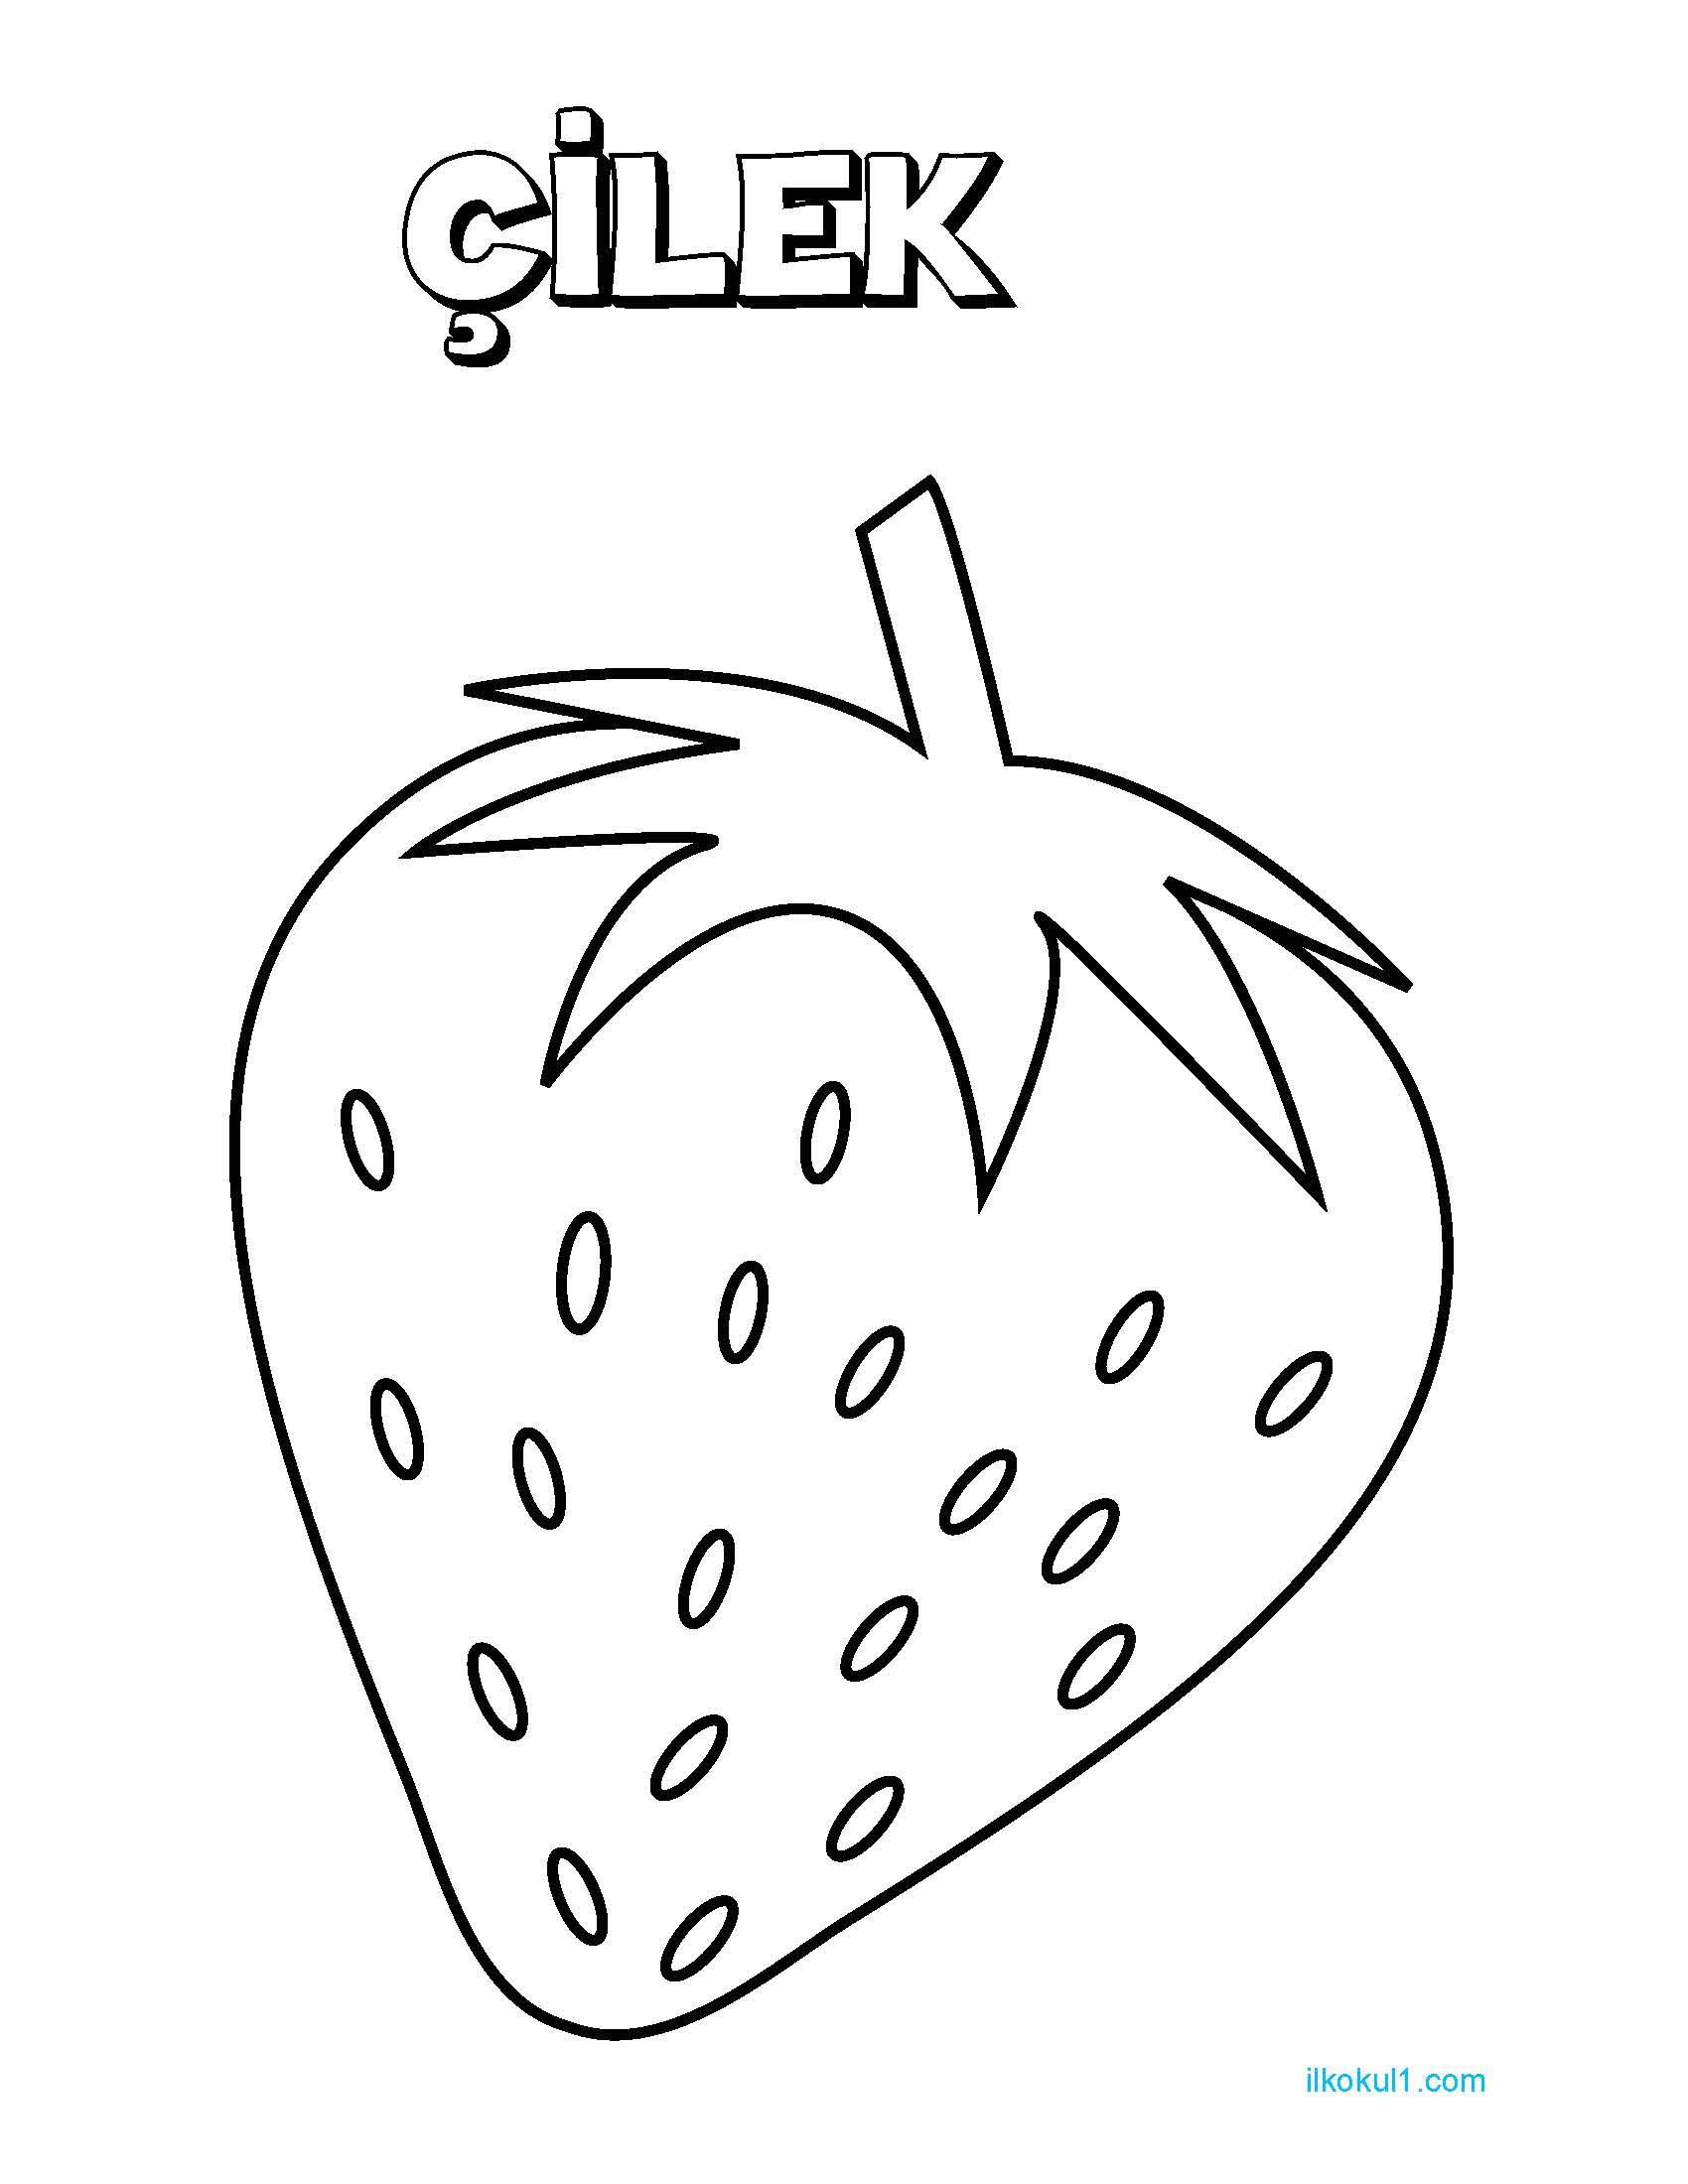 Meyve Boyama Sayfa 4 Sinif Ogretmenleri Icin Ucretsiz Ozgun